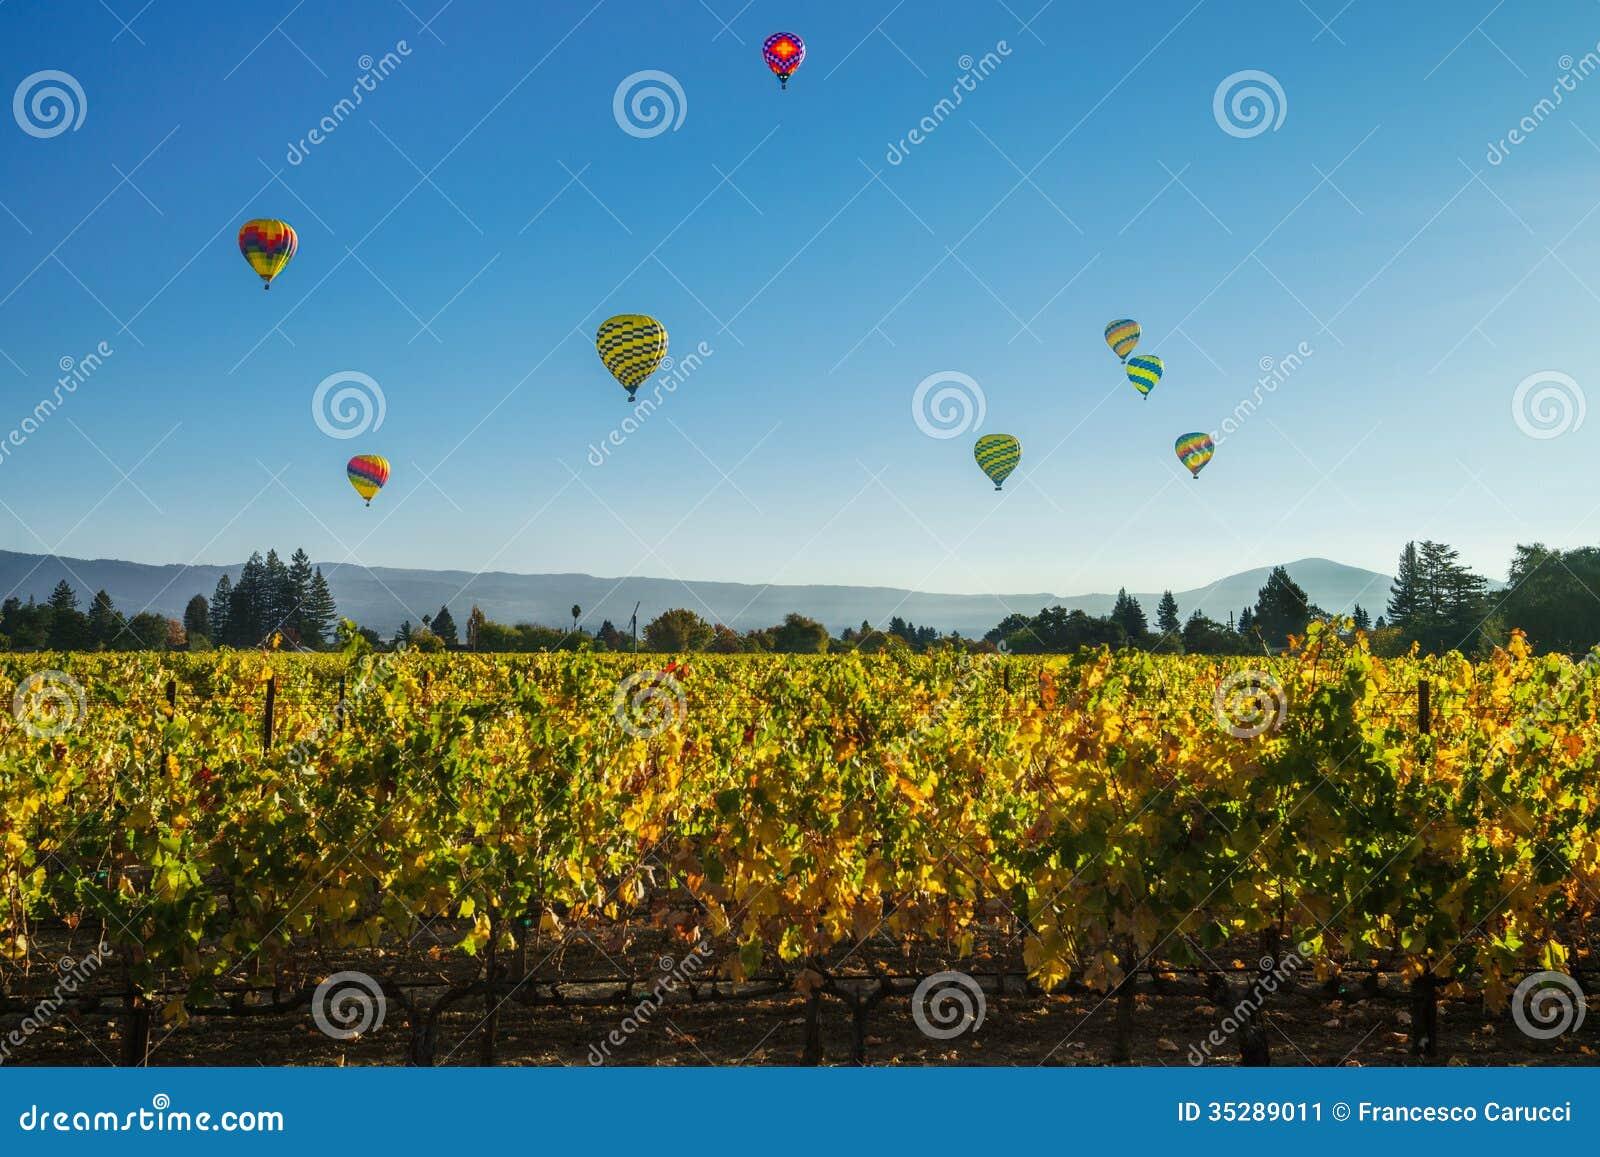 Ballons boven de wijngaard